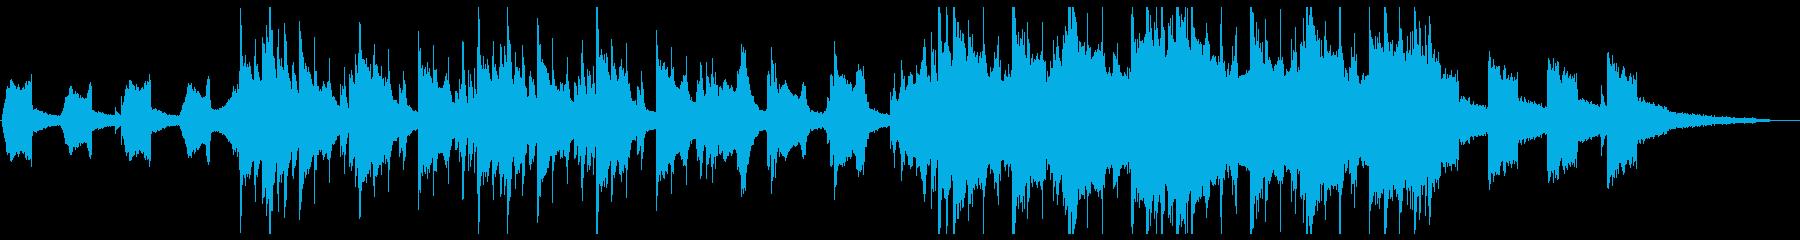 ピアノ中心の儚さのあるエレクトロの再生済みの波形